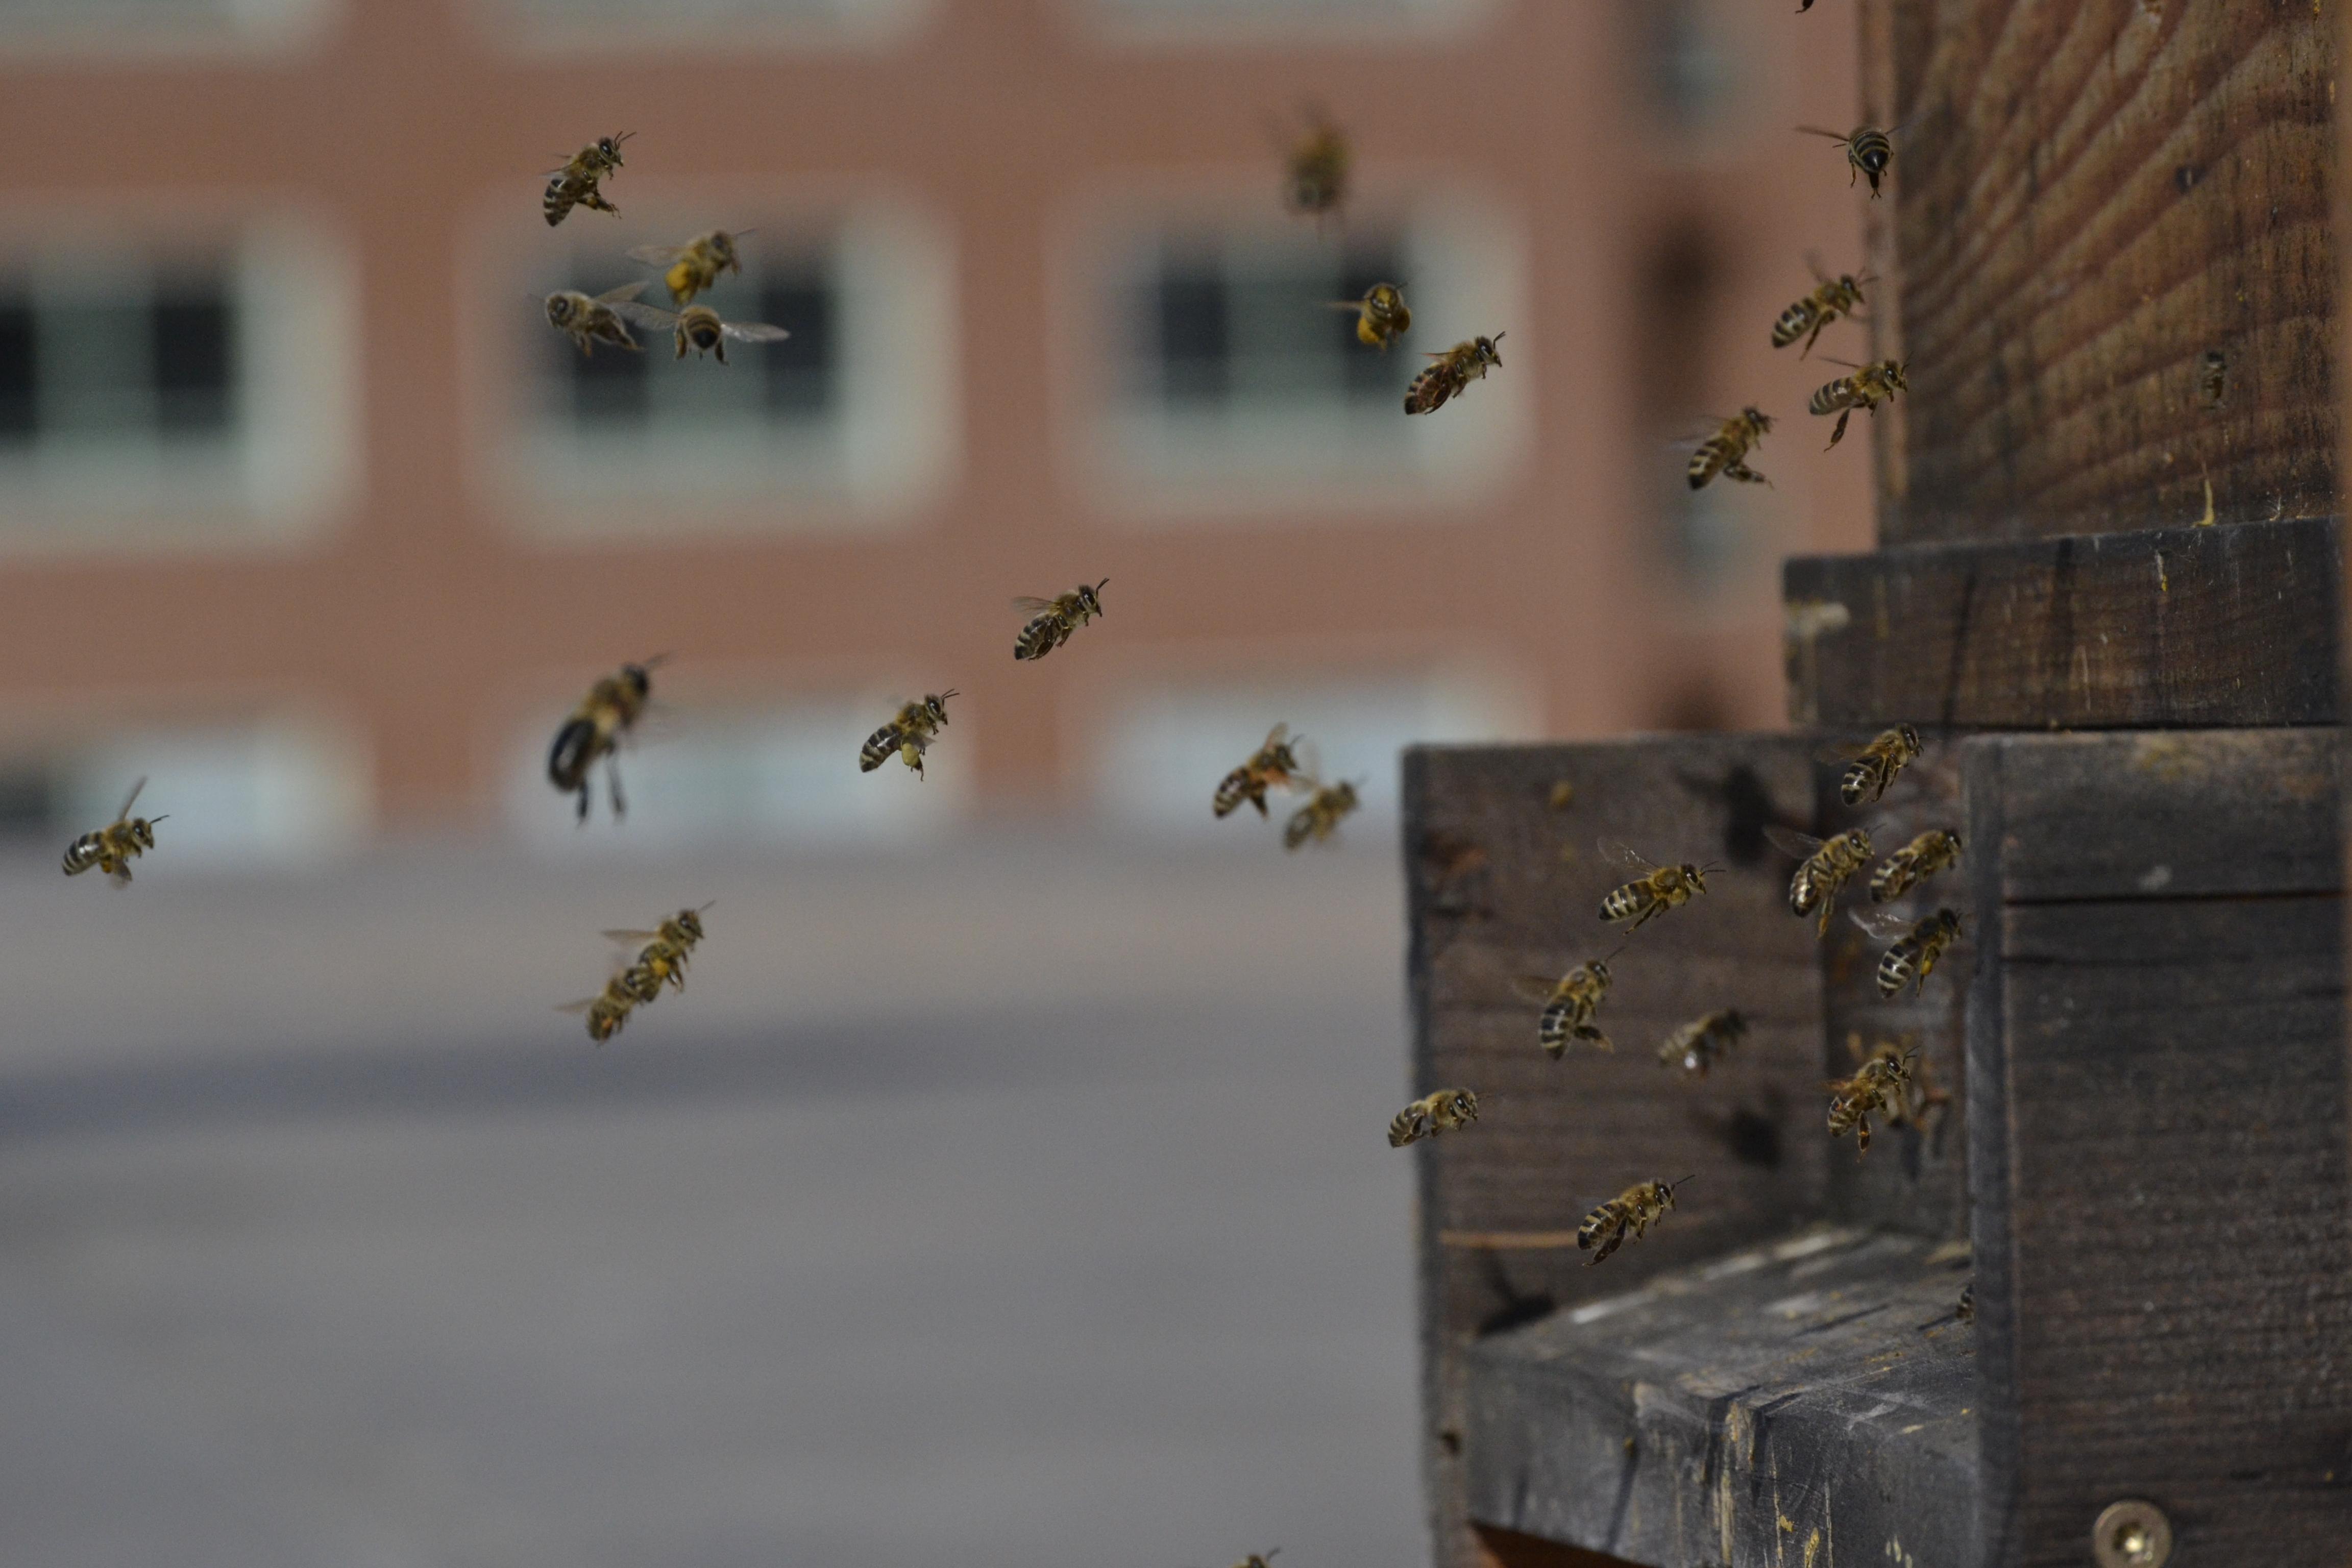 Desať faktov a mýtov o včelách a mede